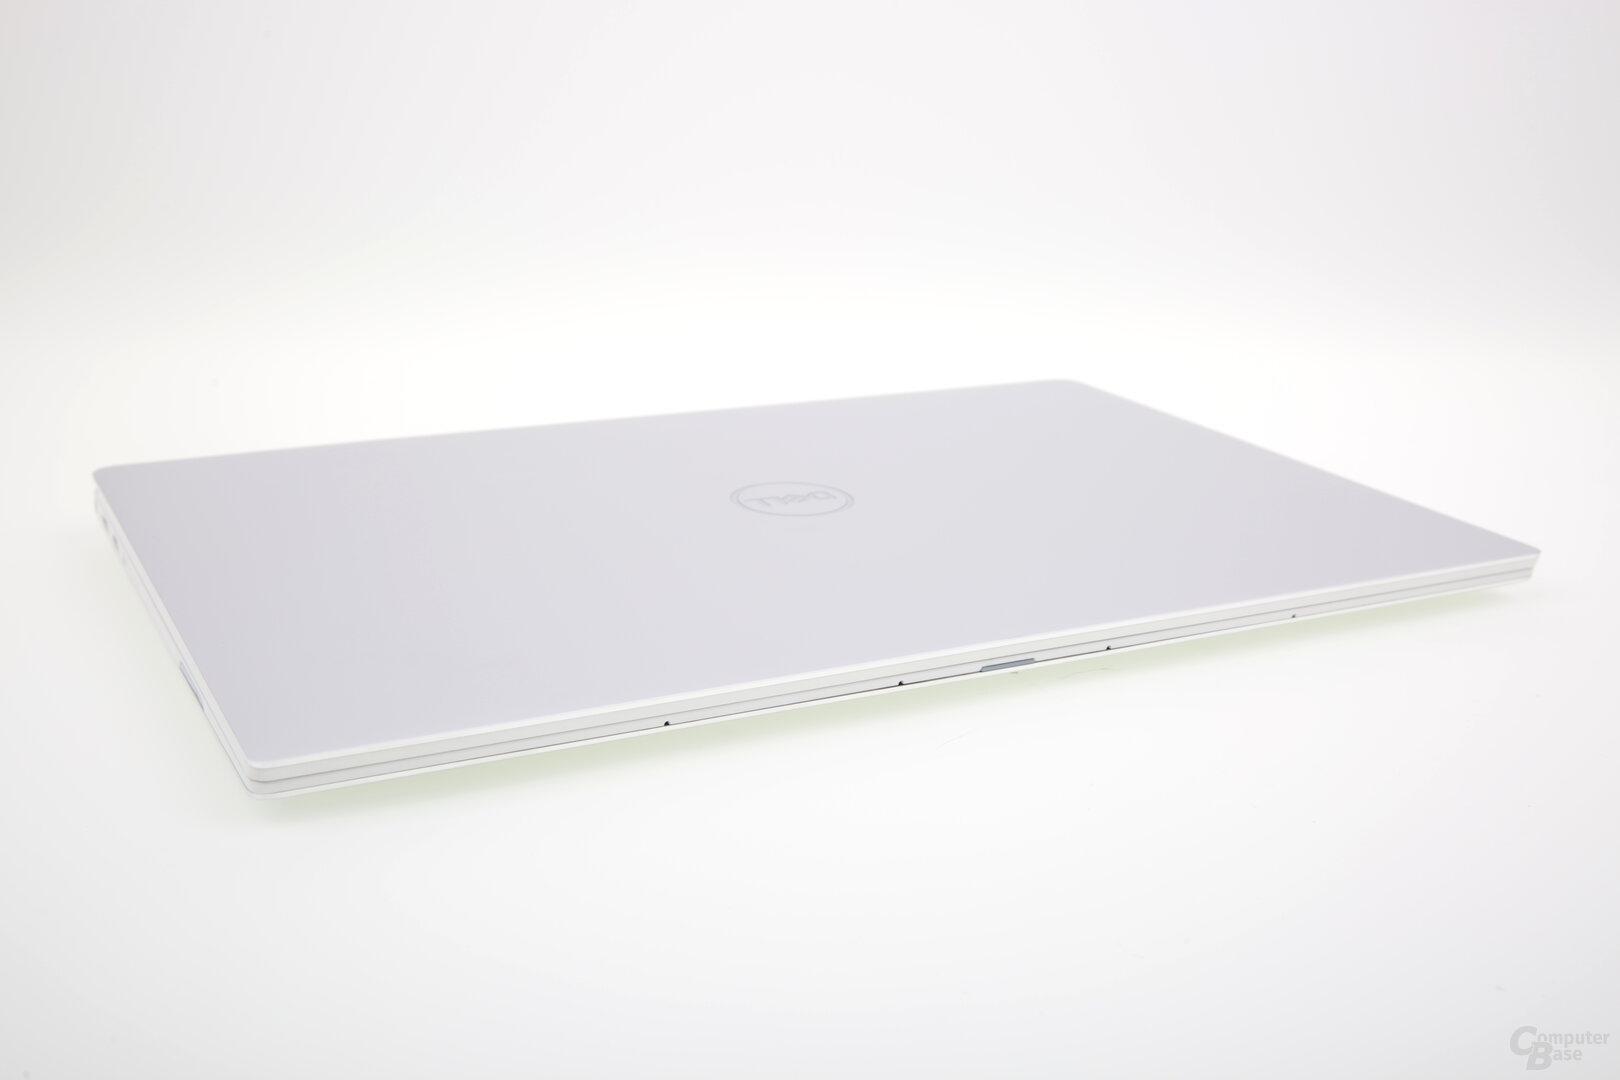 XPS 13 (9380) von vorne mit Mikrofonen für Cortana und Co.